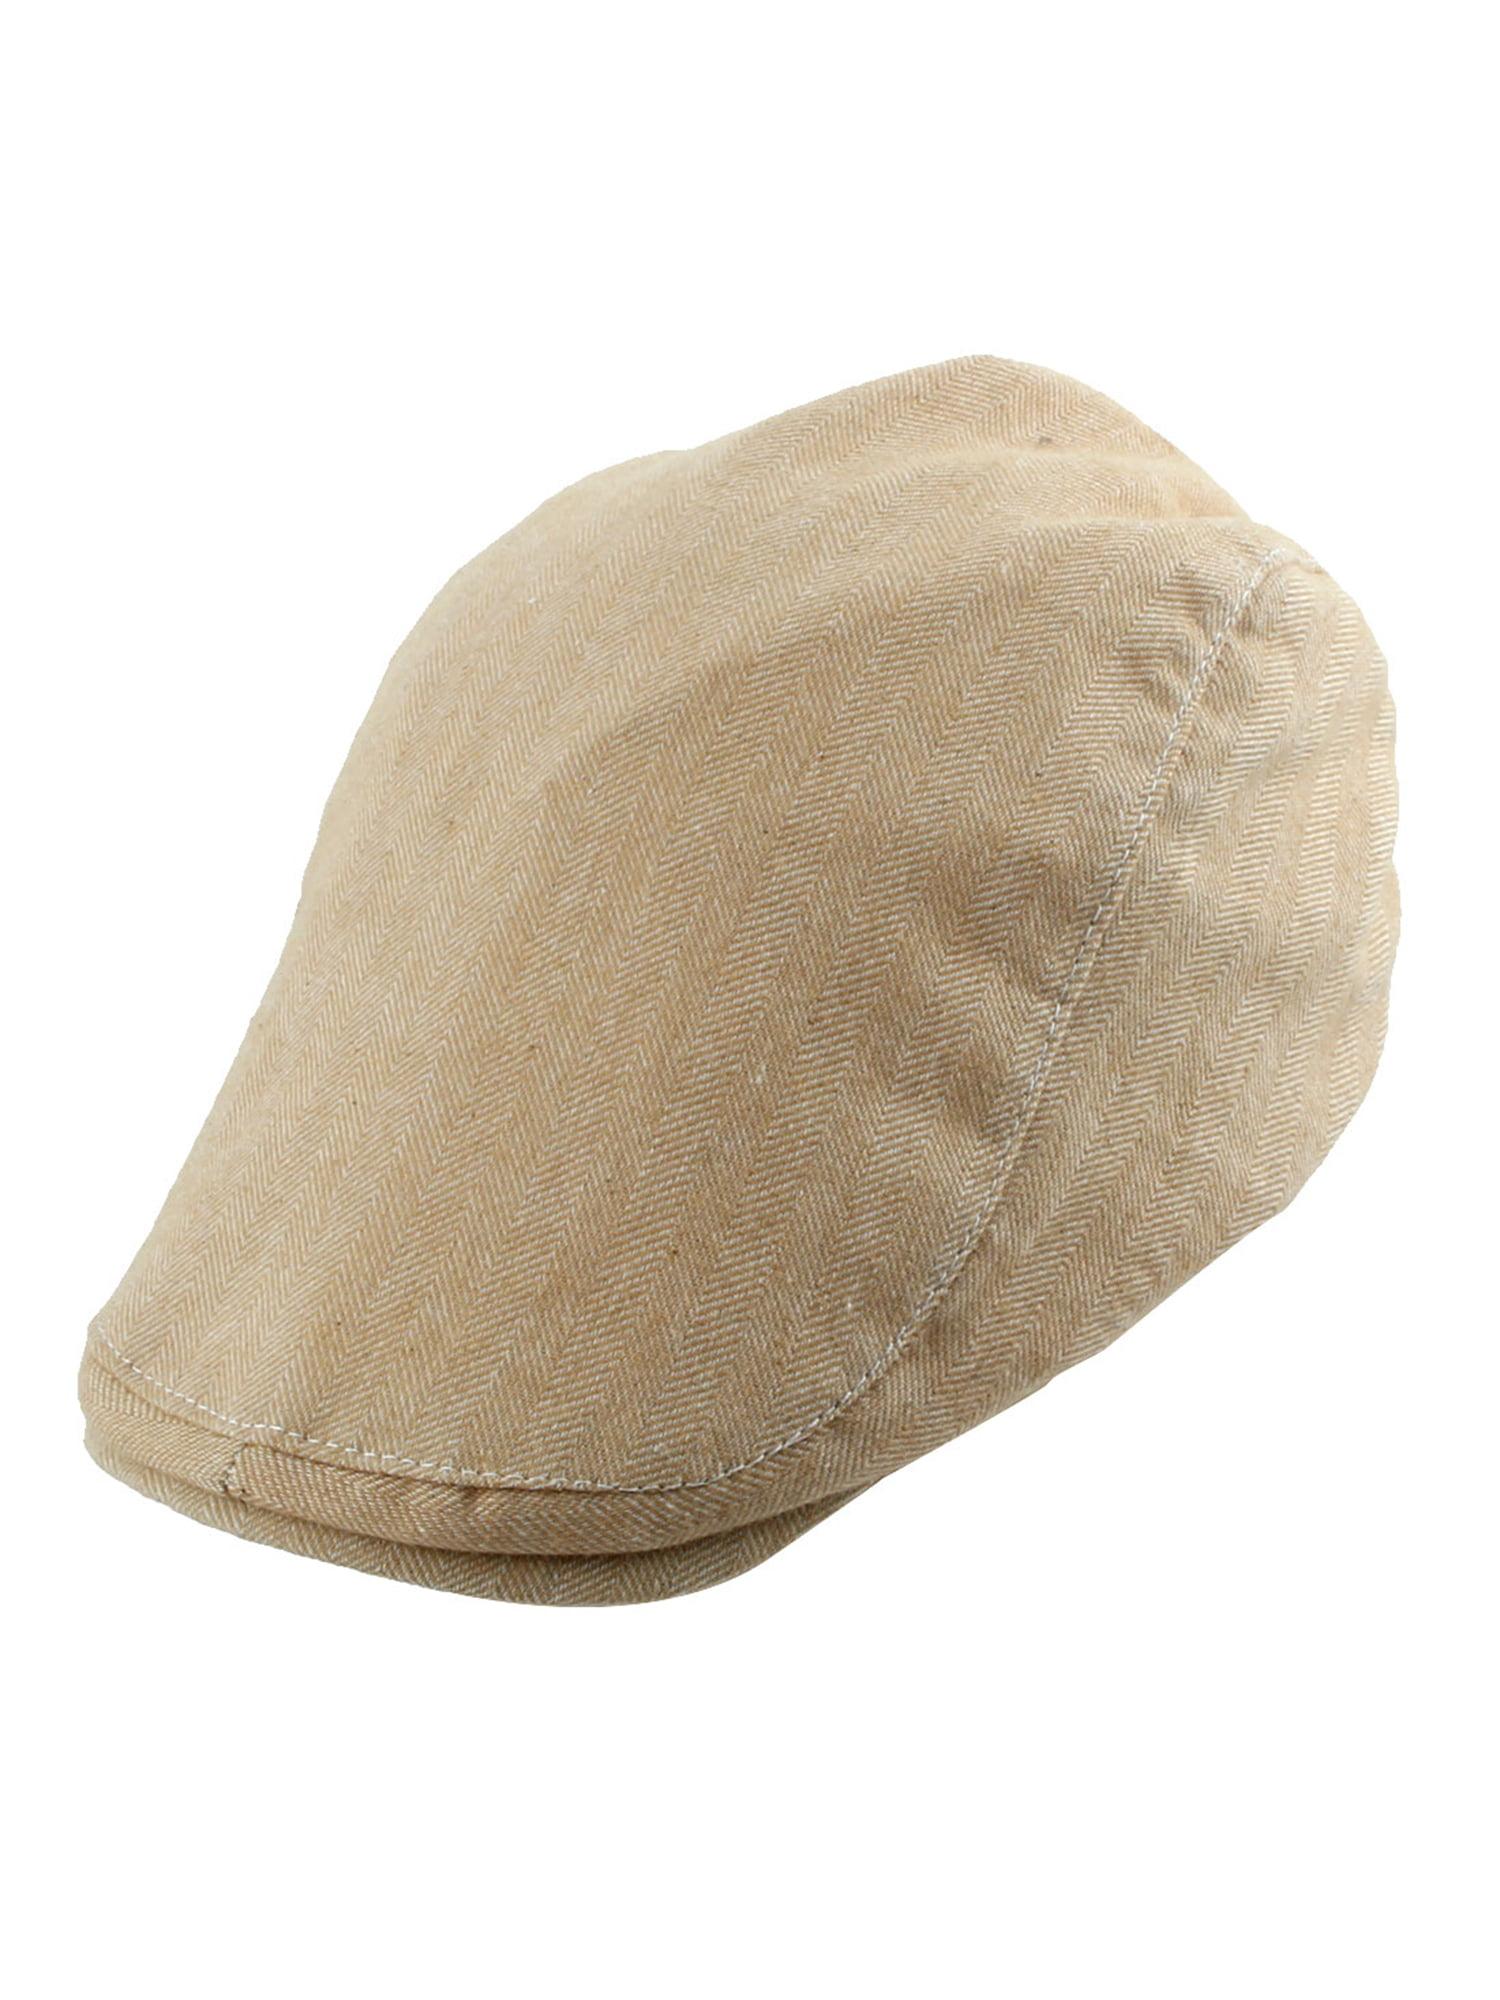 Men Women Beret Hat Newsboy Duckbill Ivy Cap Driving Casual Flat ... 77126d3a541